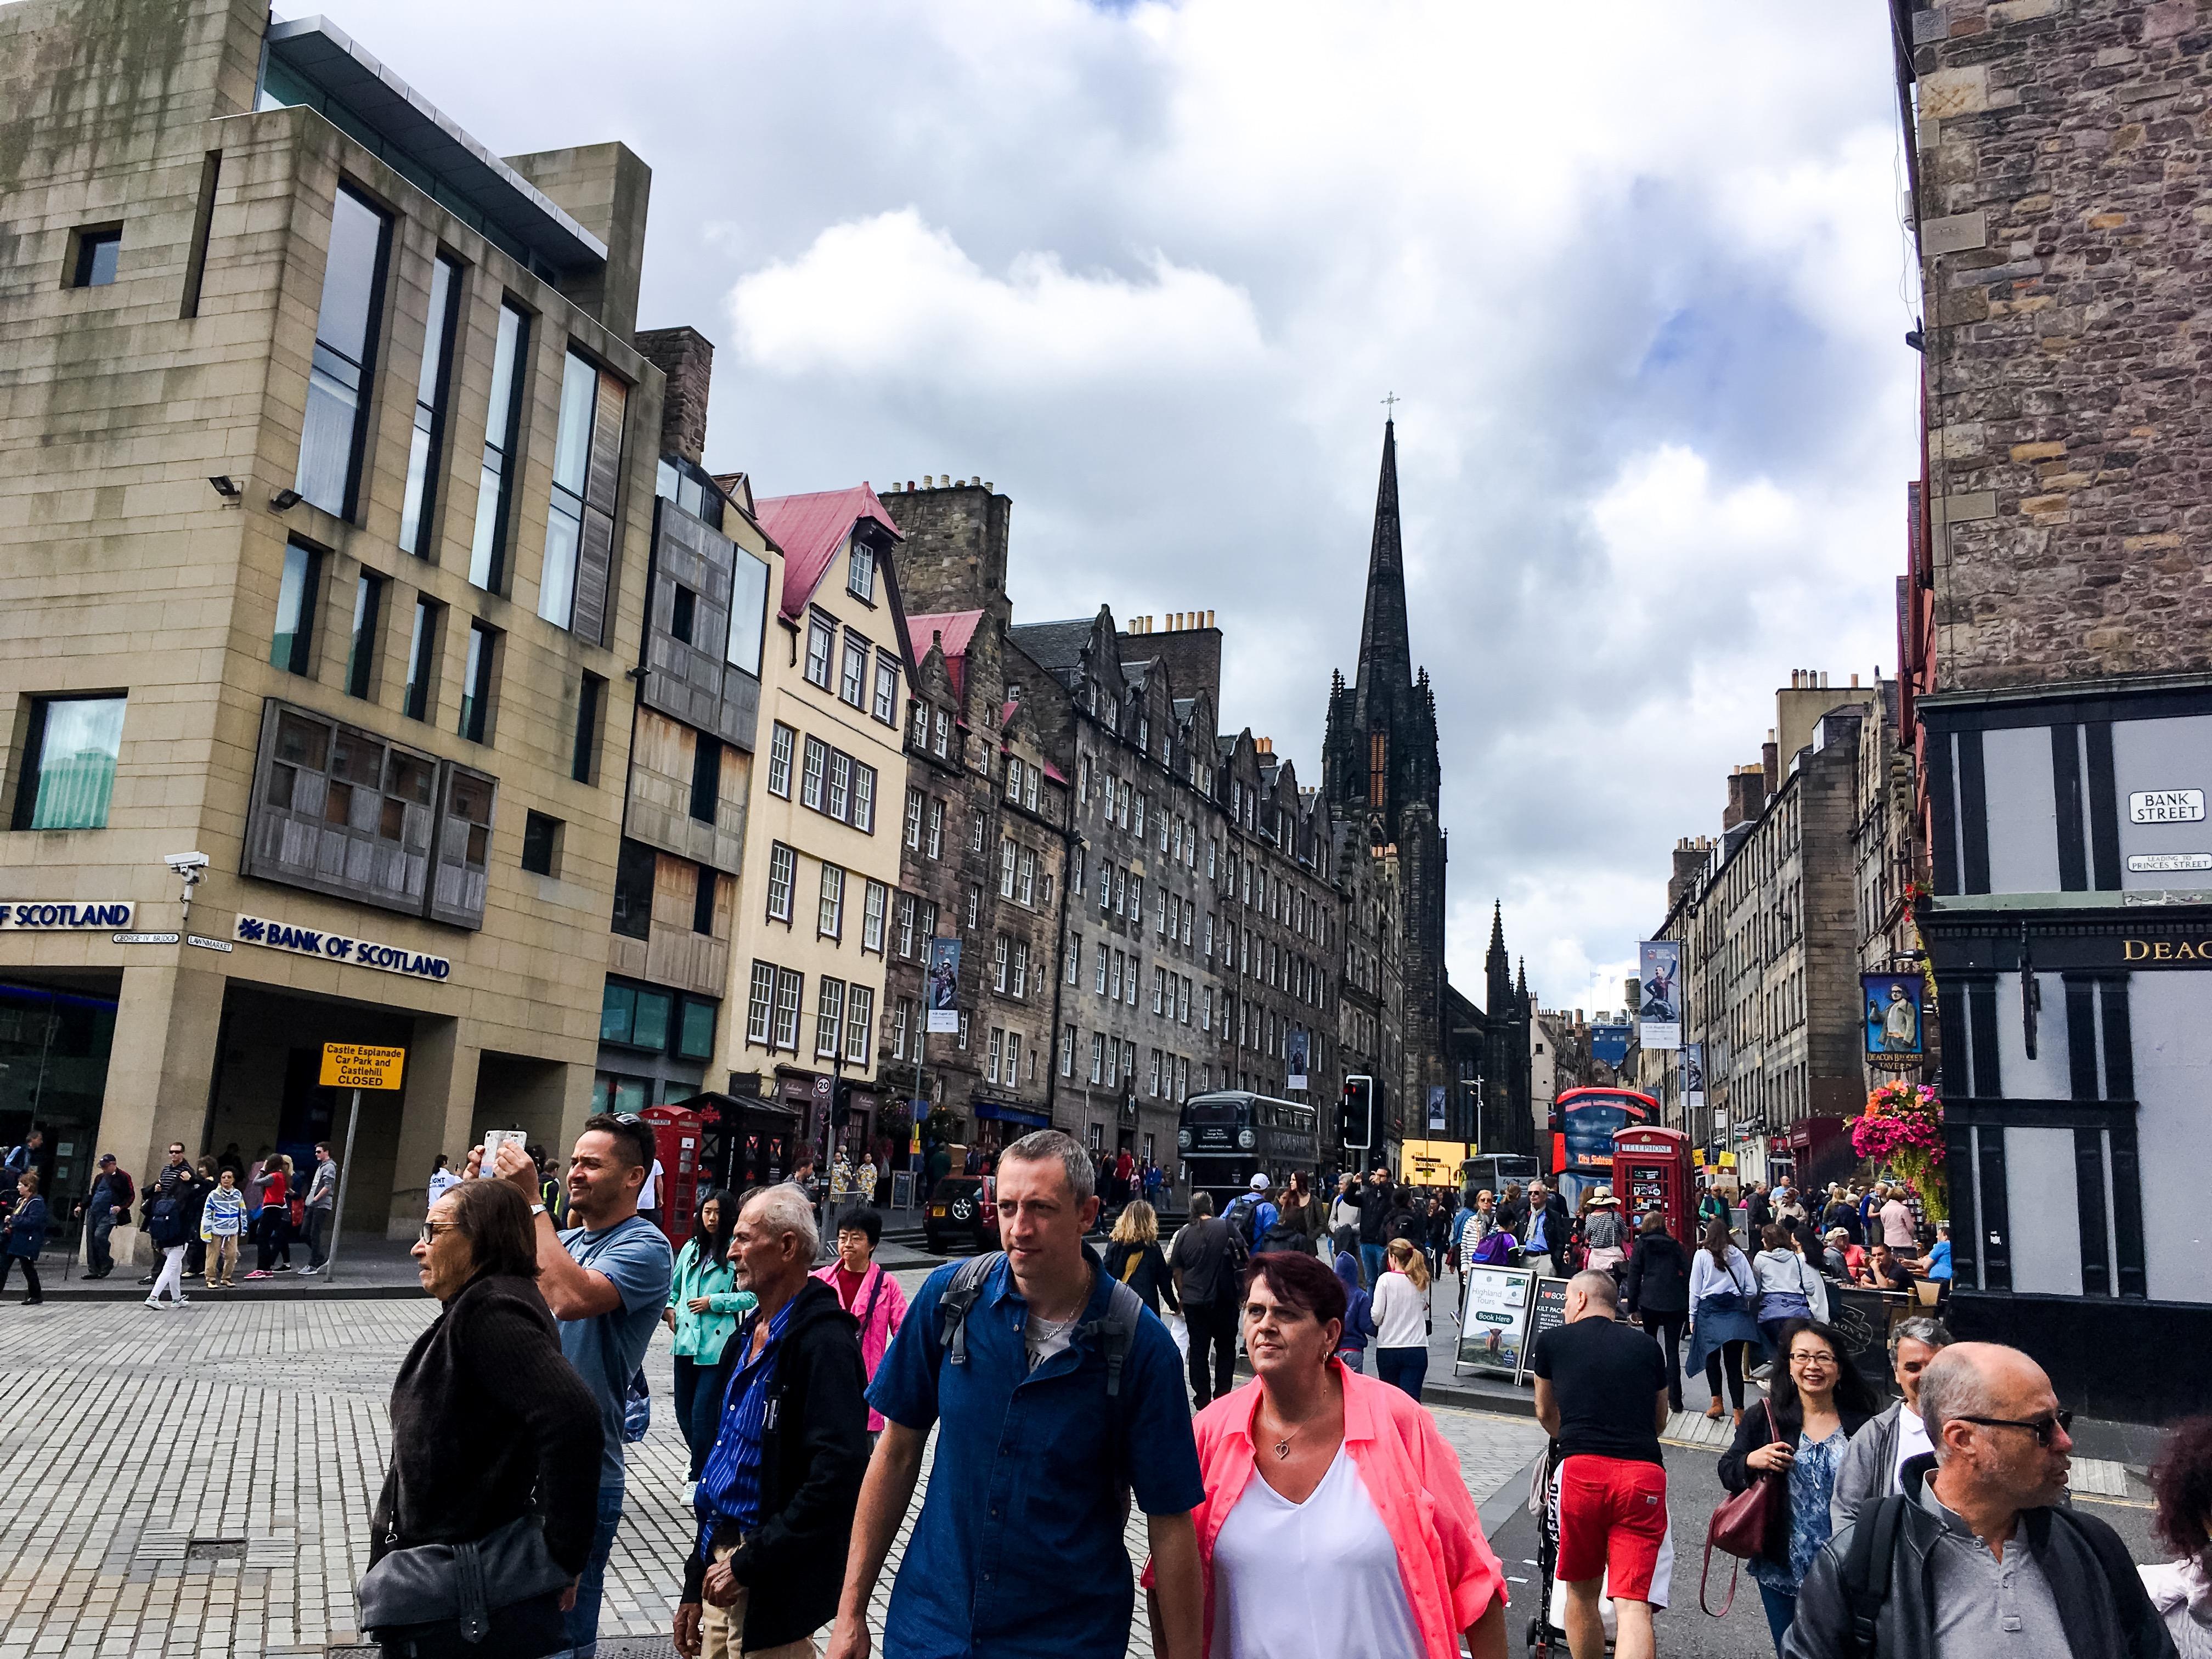 Singolo genitore che risale Edimburgo